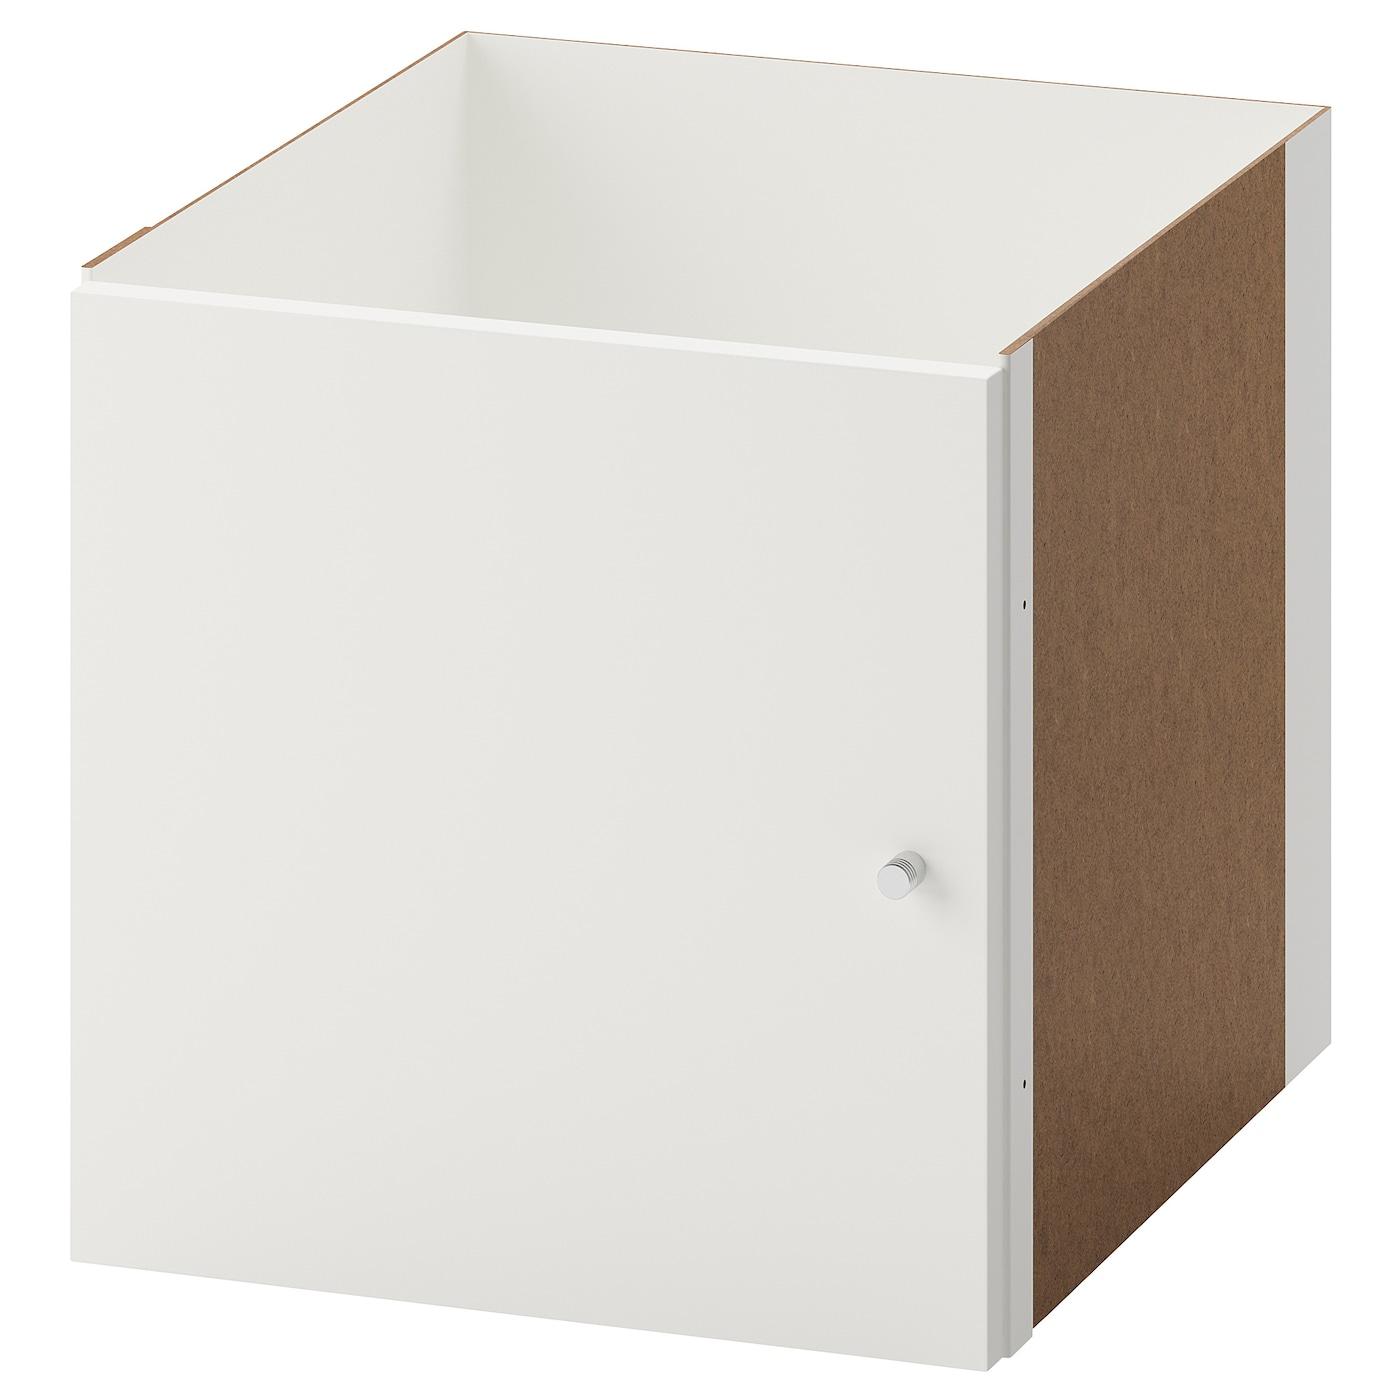 Full Size of Ikea Raumteiler Kallaeinsatz Mit Tr Regal Küche Kosten Miniküche Kaufen Sofa Schlaffunktion Betten 160x200 Modulküche Bei Wohnzimmer Ikea Raumteiler